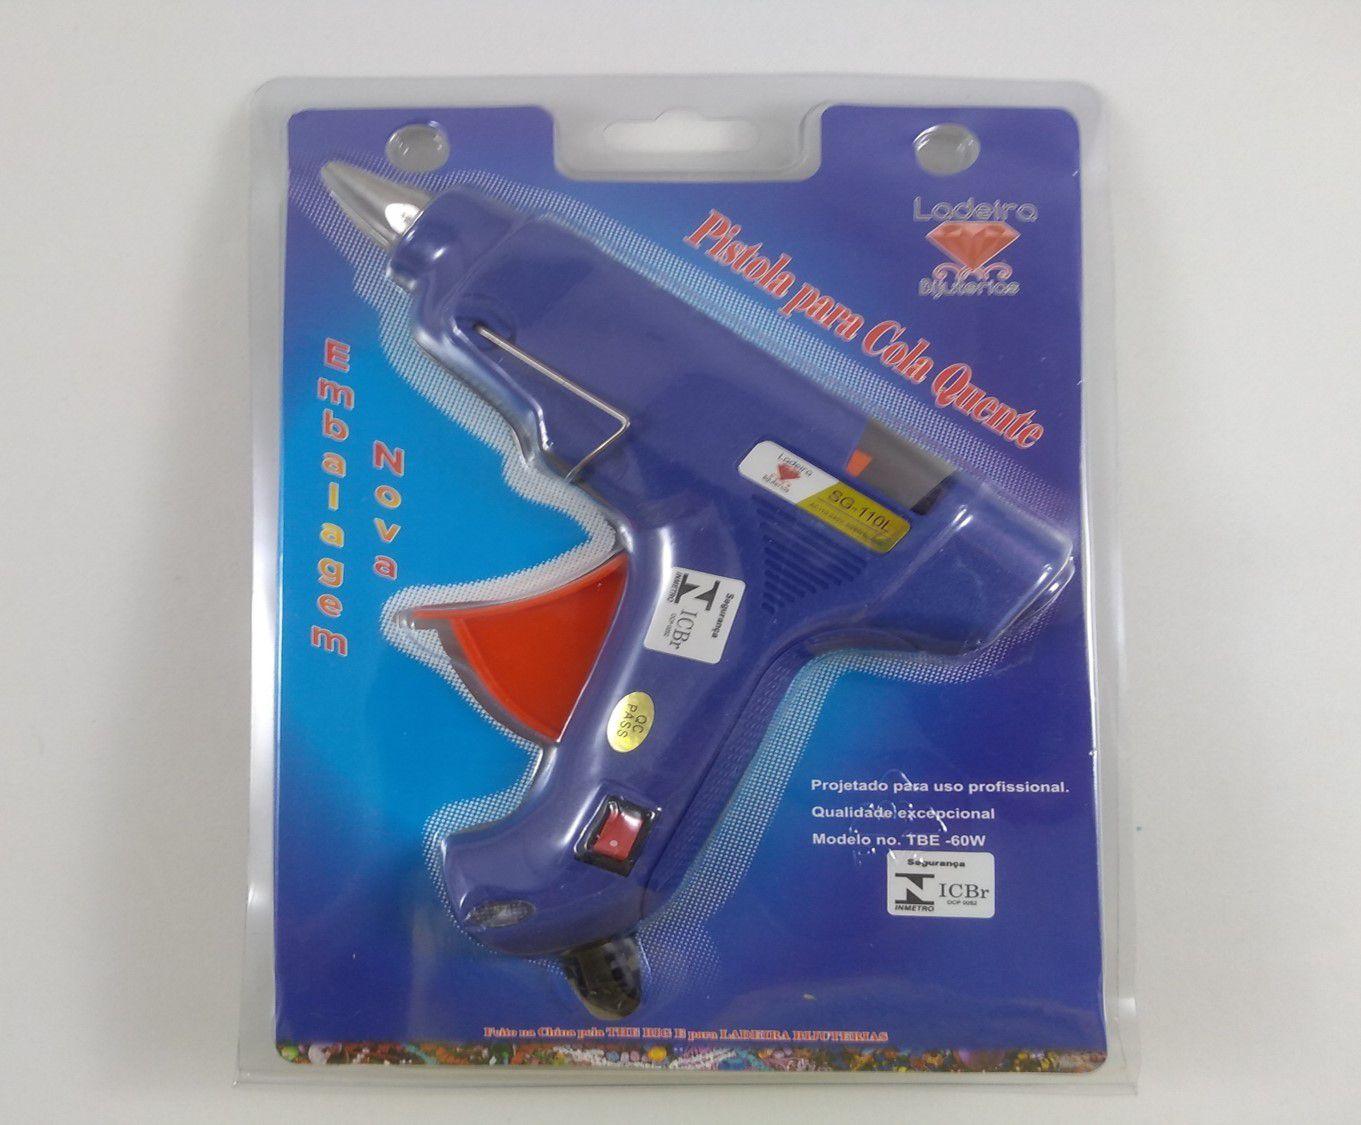 Pistola de cola Quente 110/220 Ladeira Pequena 20W e Grande 60W